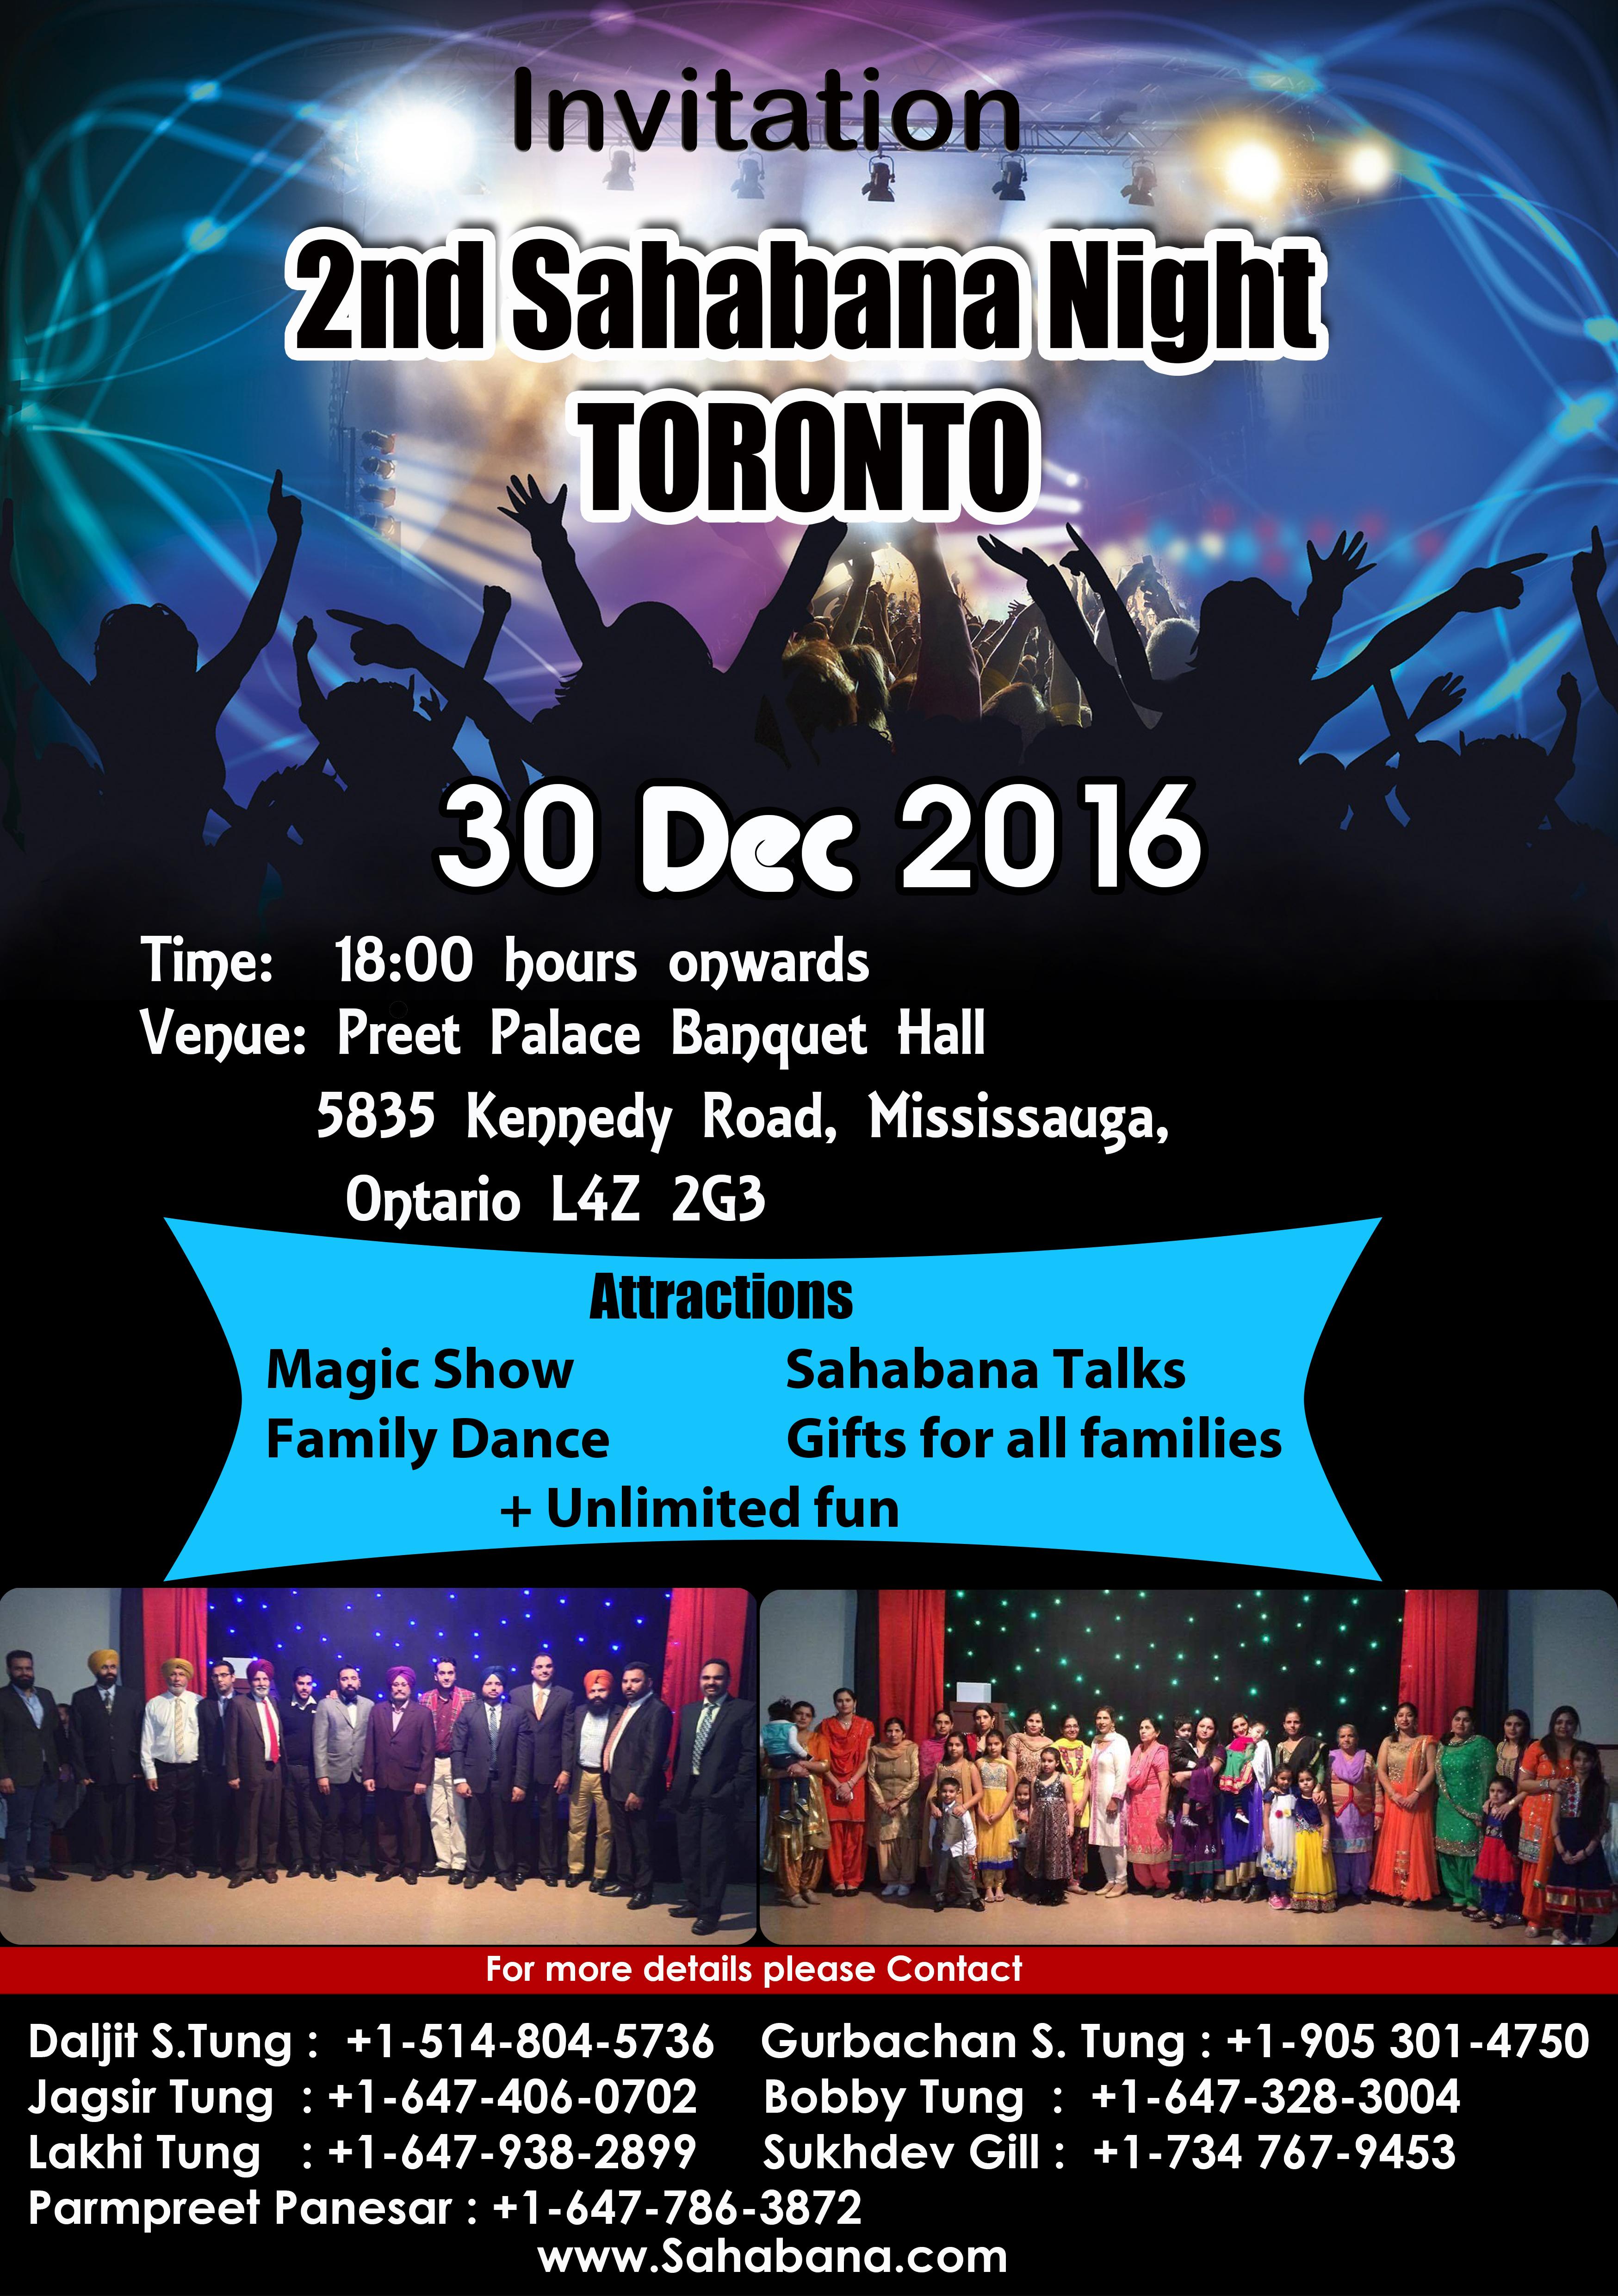 2nd Sahabana Night Toronto